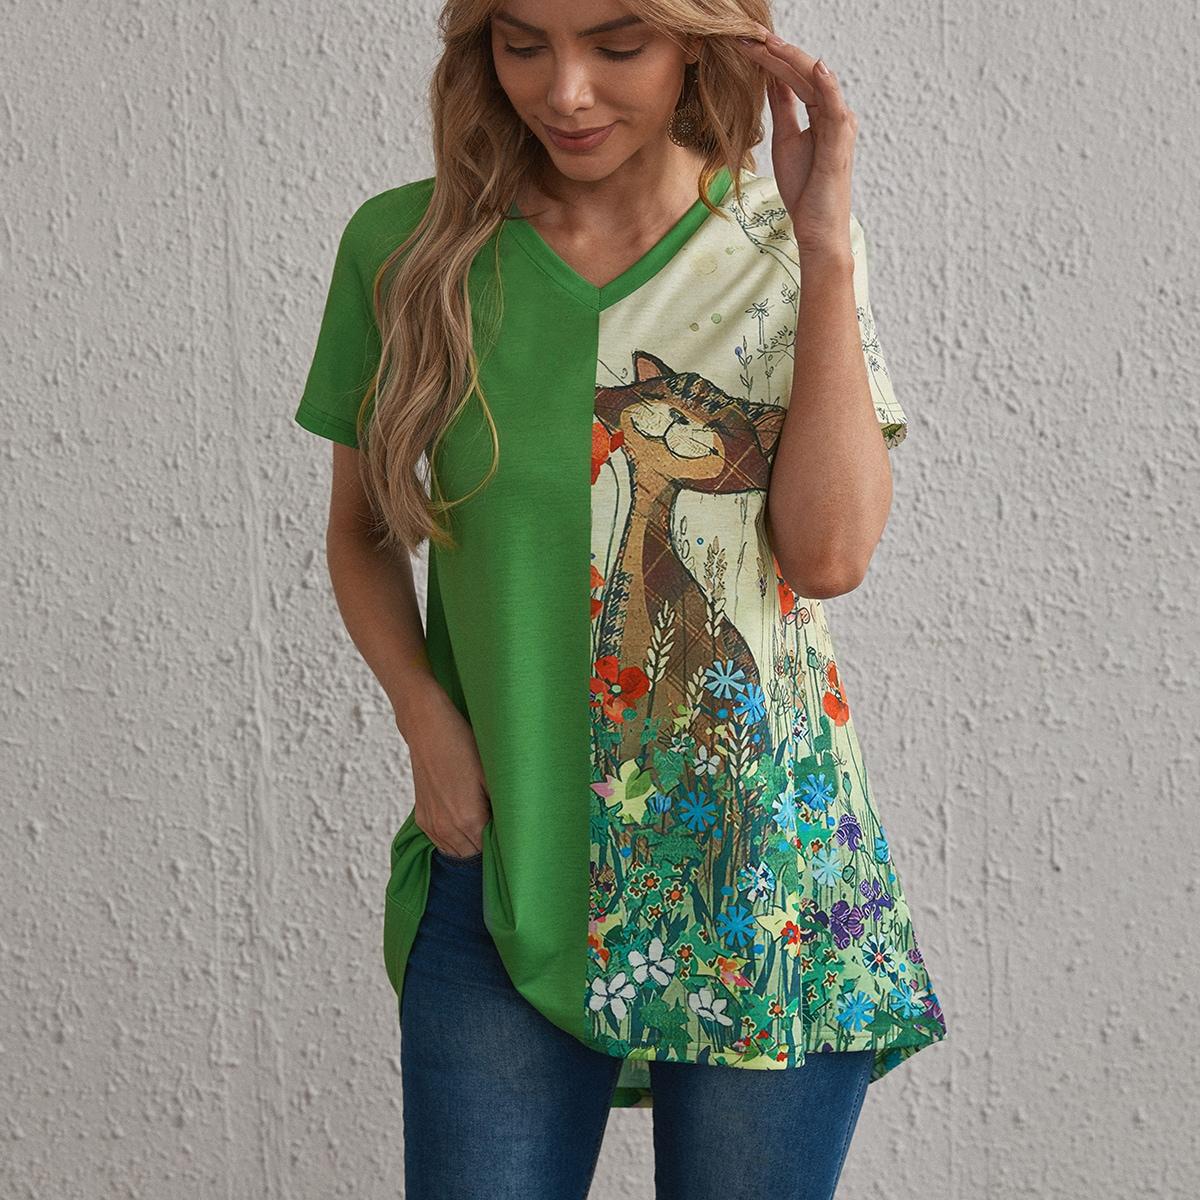 Длинная футболка с мультипликационным и цветочным принтом по цене 690